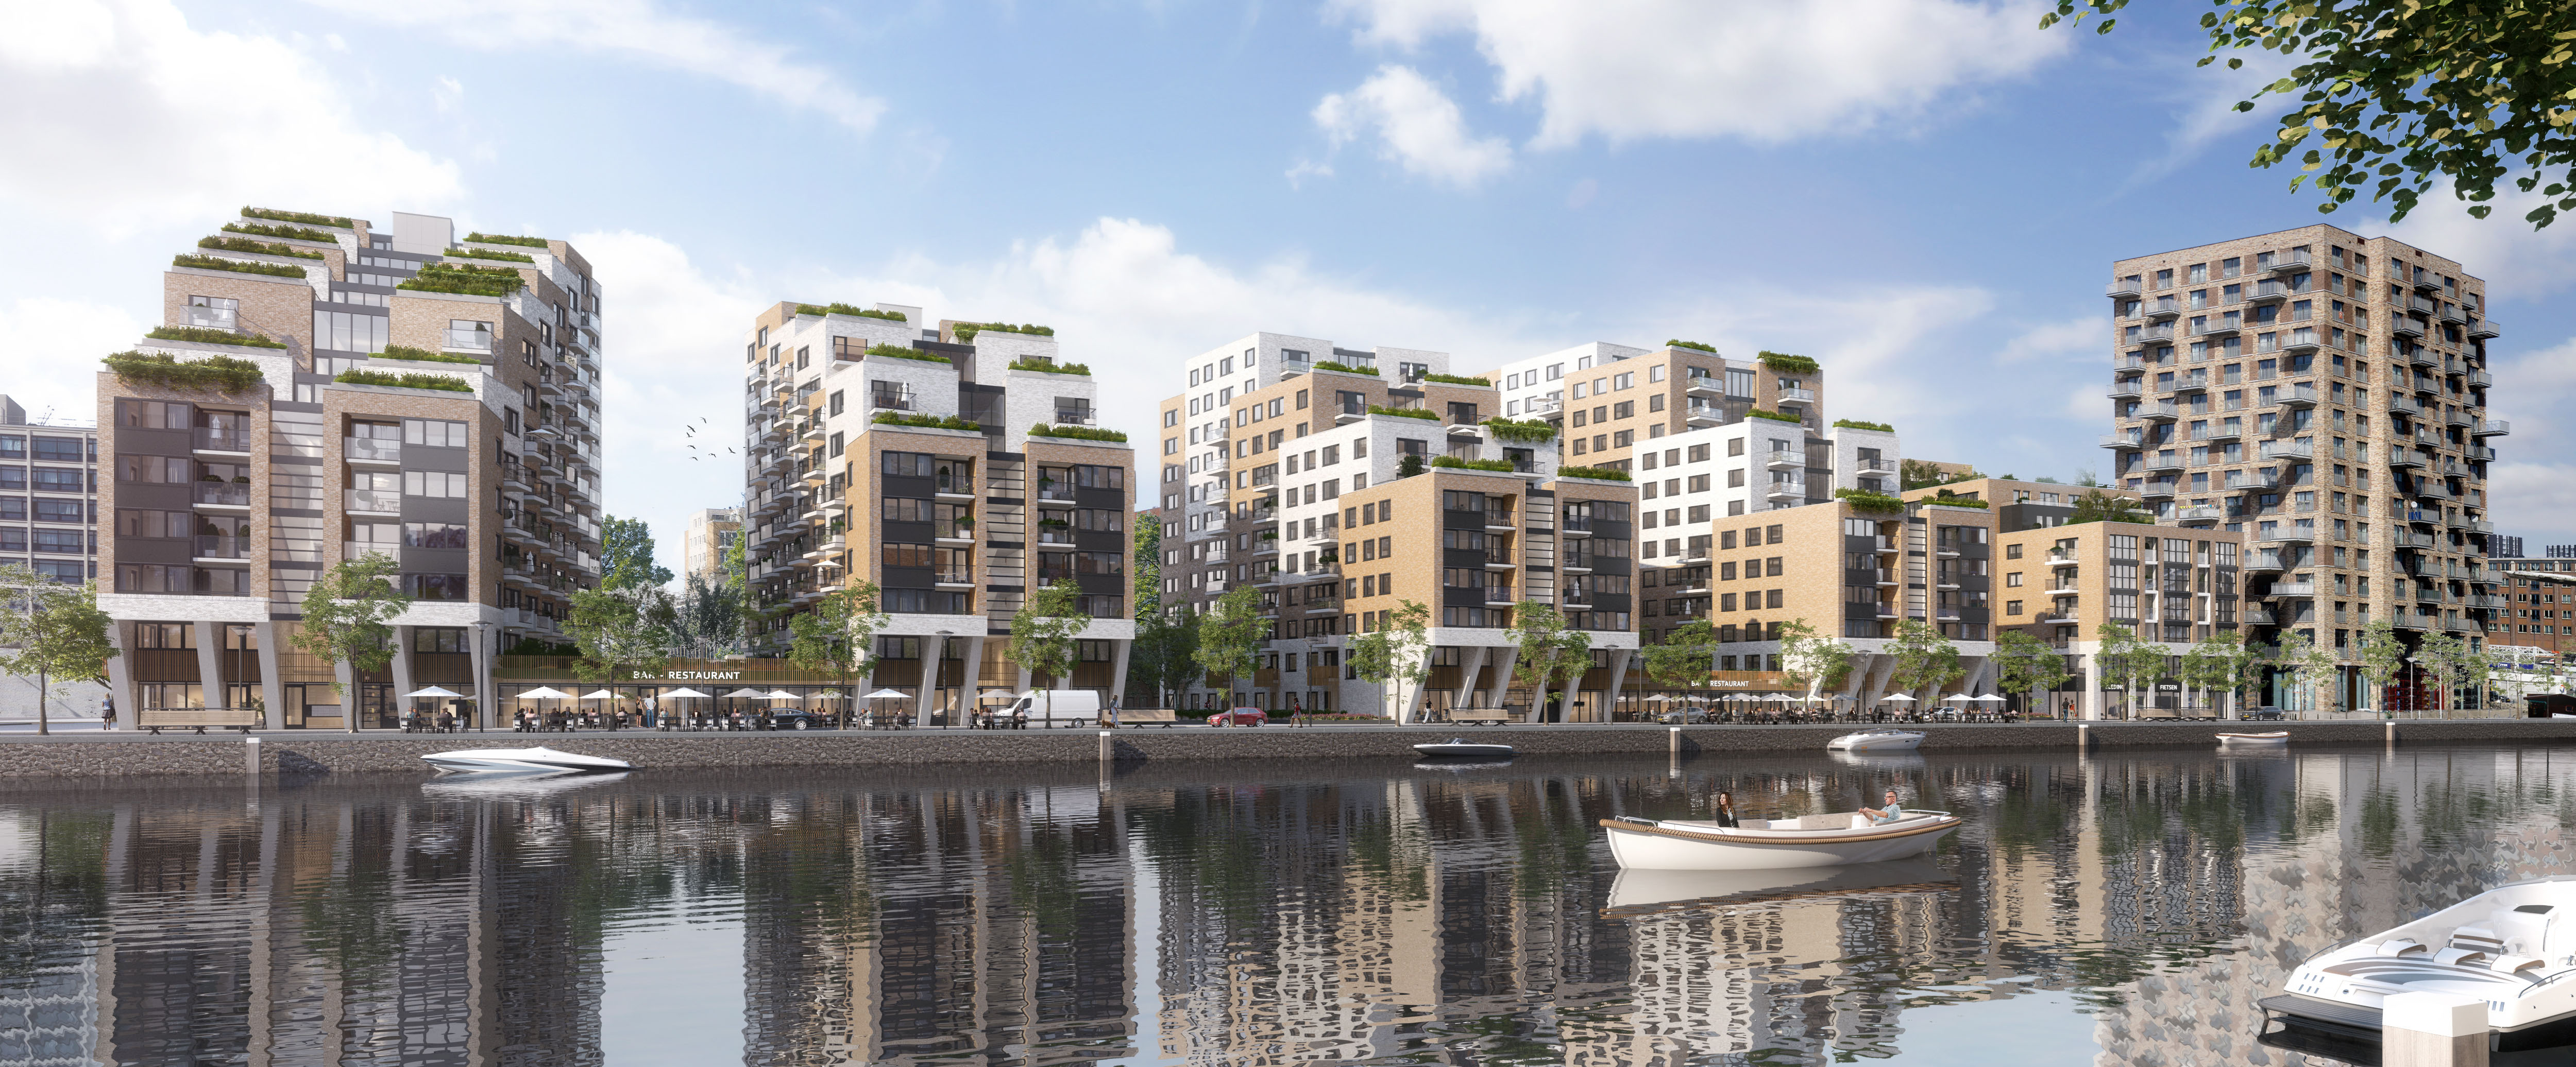 Caland Docks